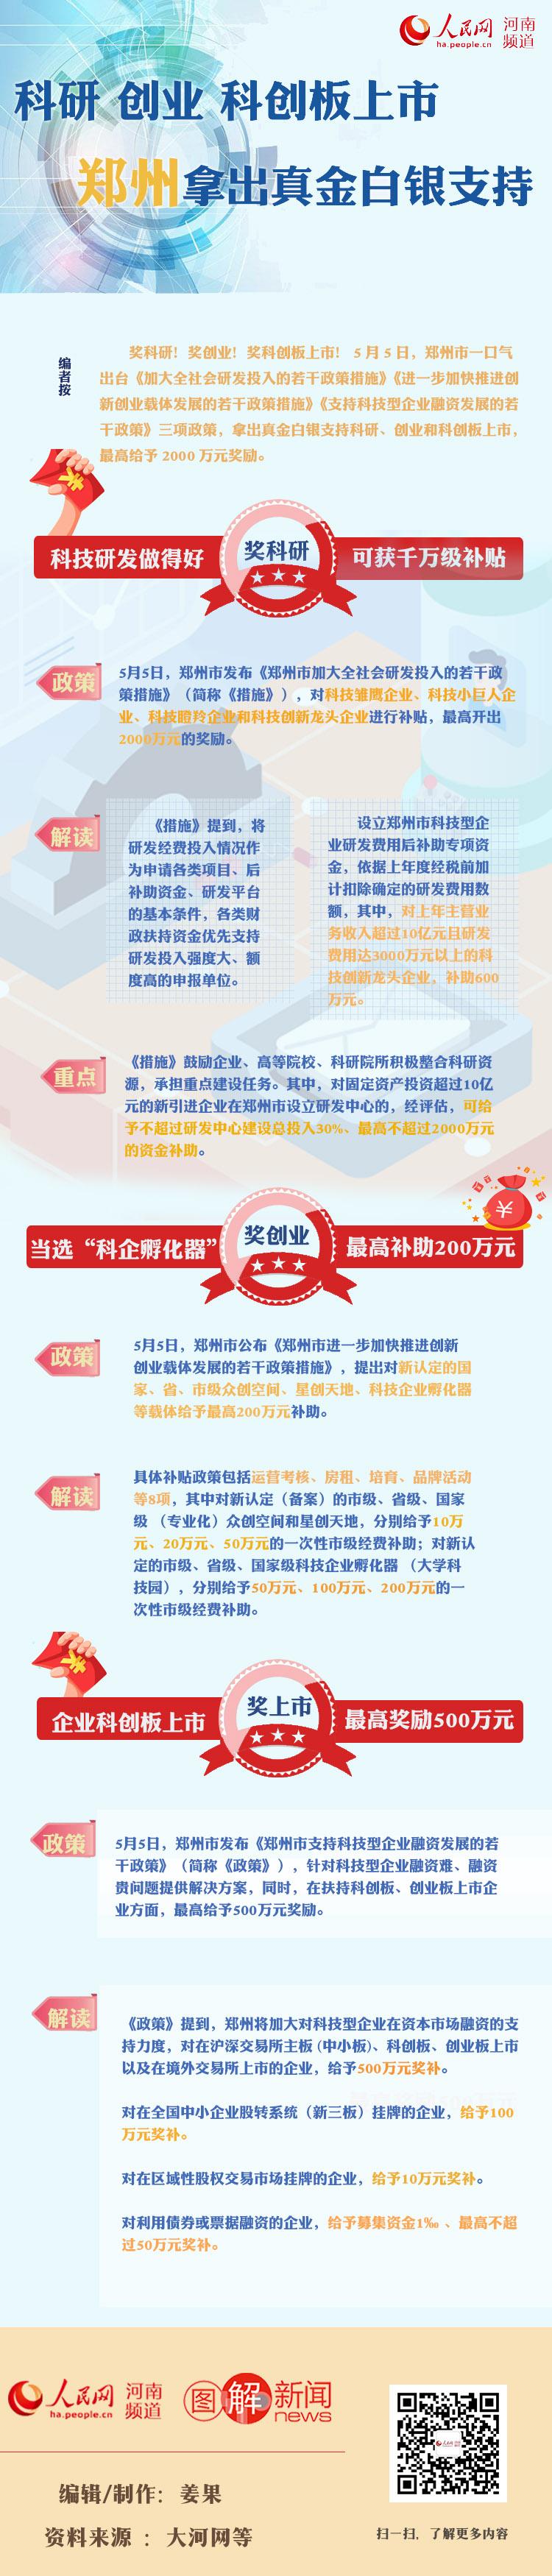 图解:科研 创业 科创板上市 郑州拿出真金白银支持